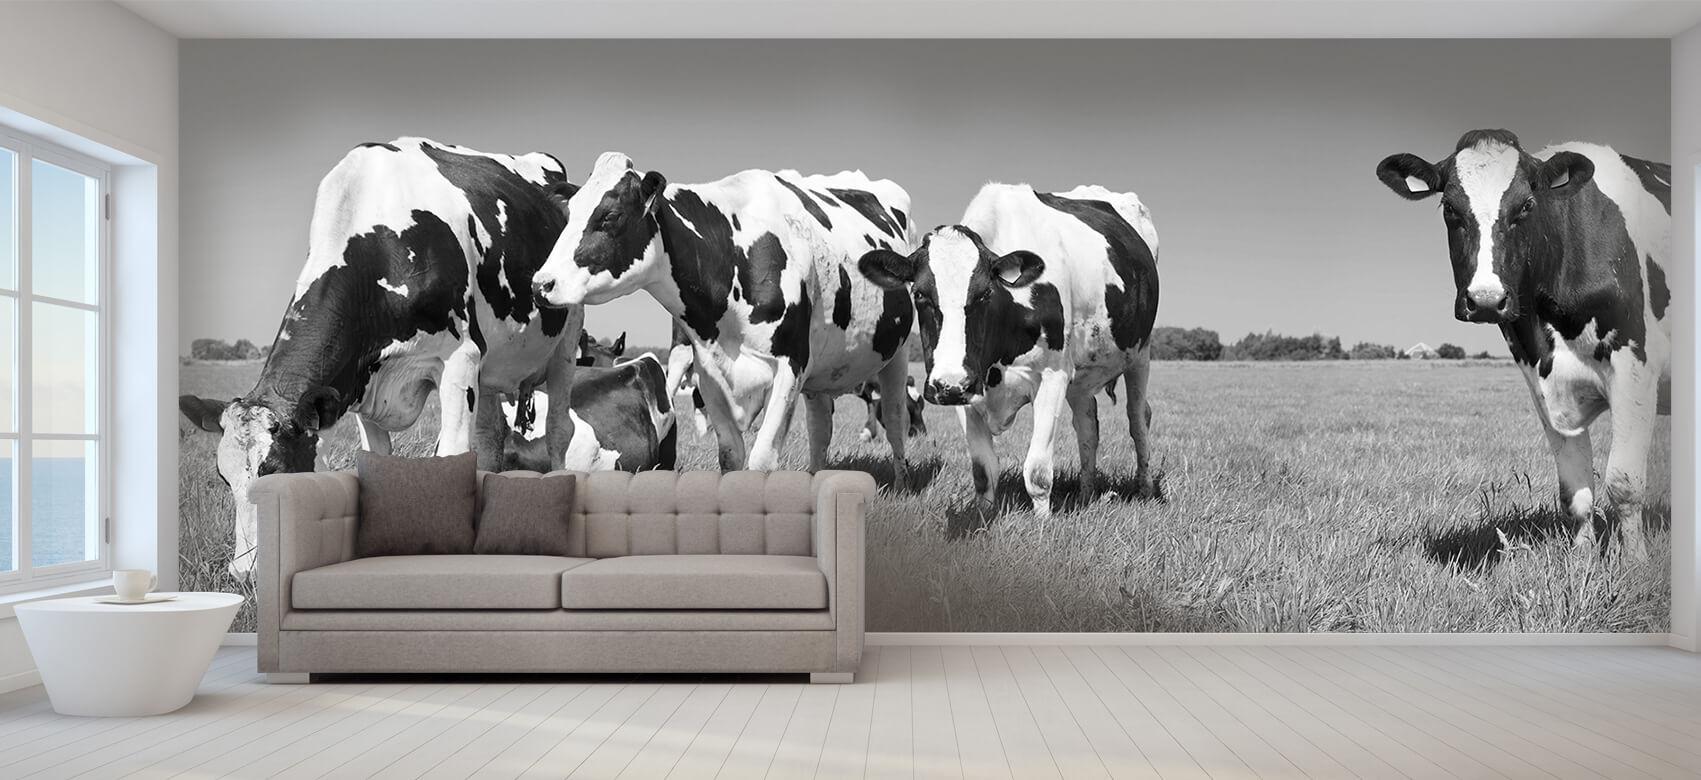 Dieren Fotobehang koeien 9